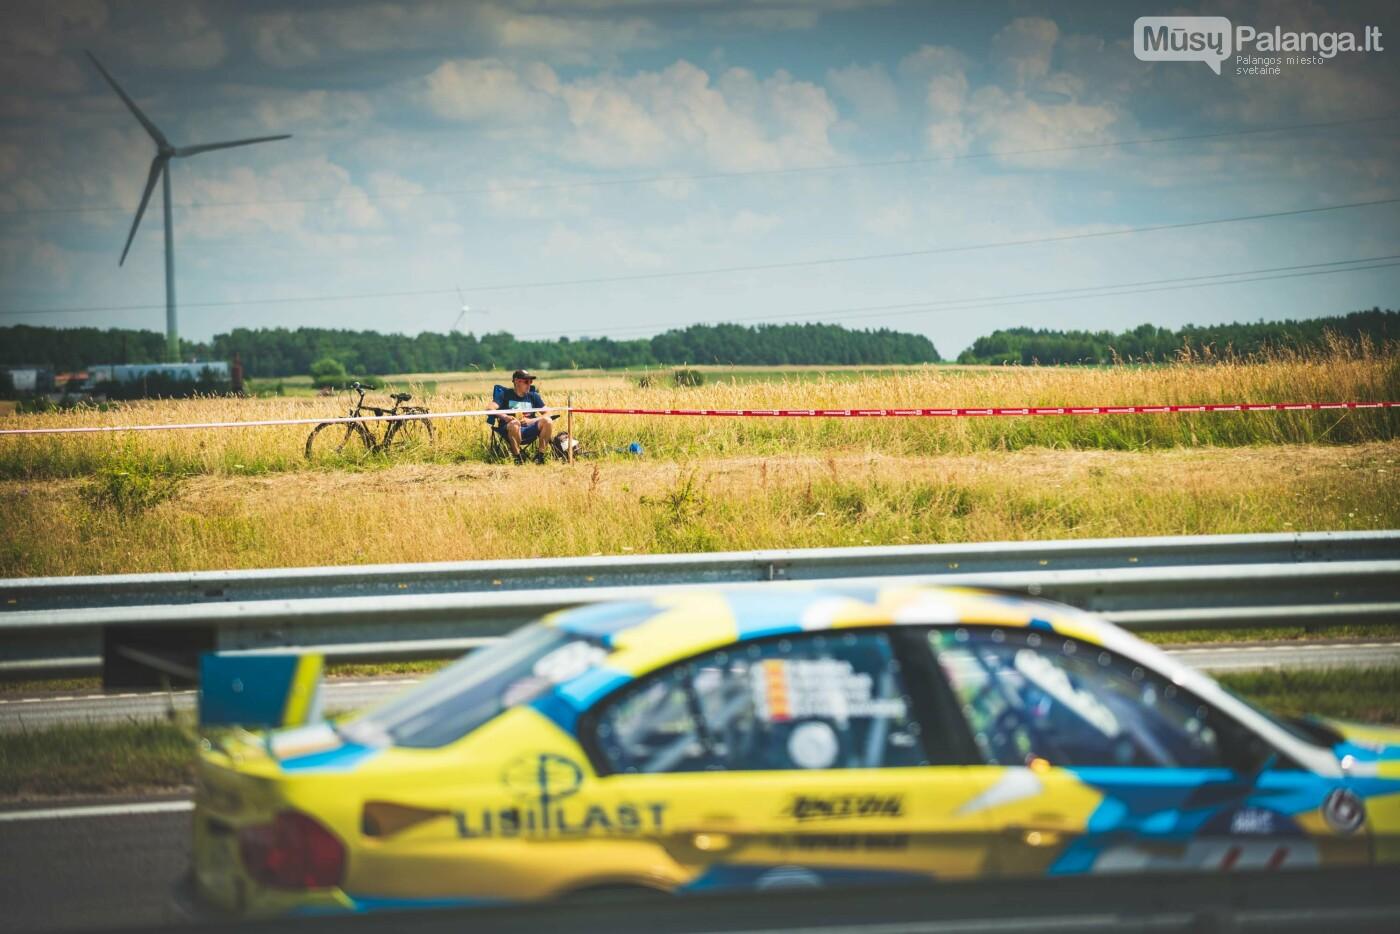 """Pirmoji """"Aurum 1006 km lenktynių"""" repeticija, nuotrauka-13, Arno STRUMILOS nuotr."""